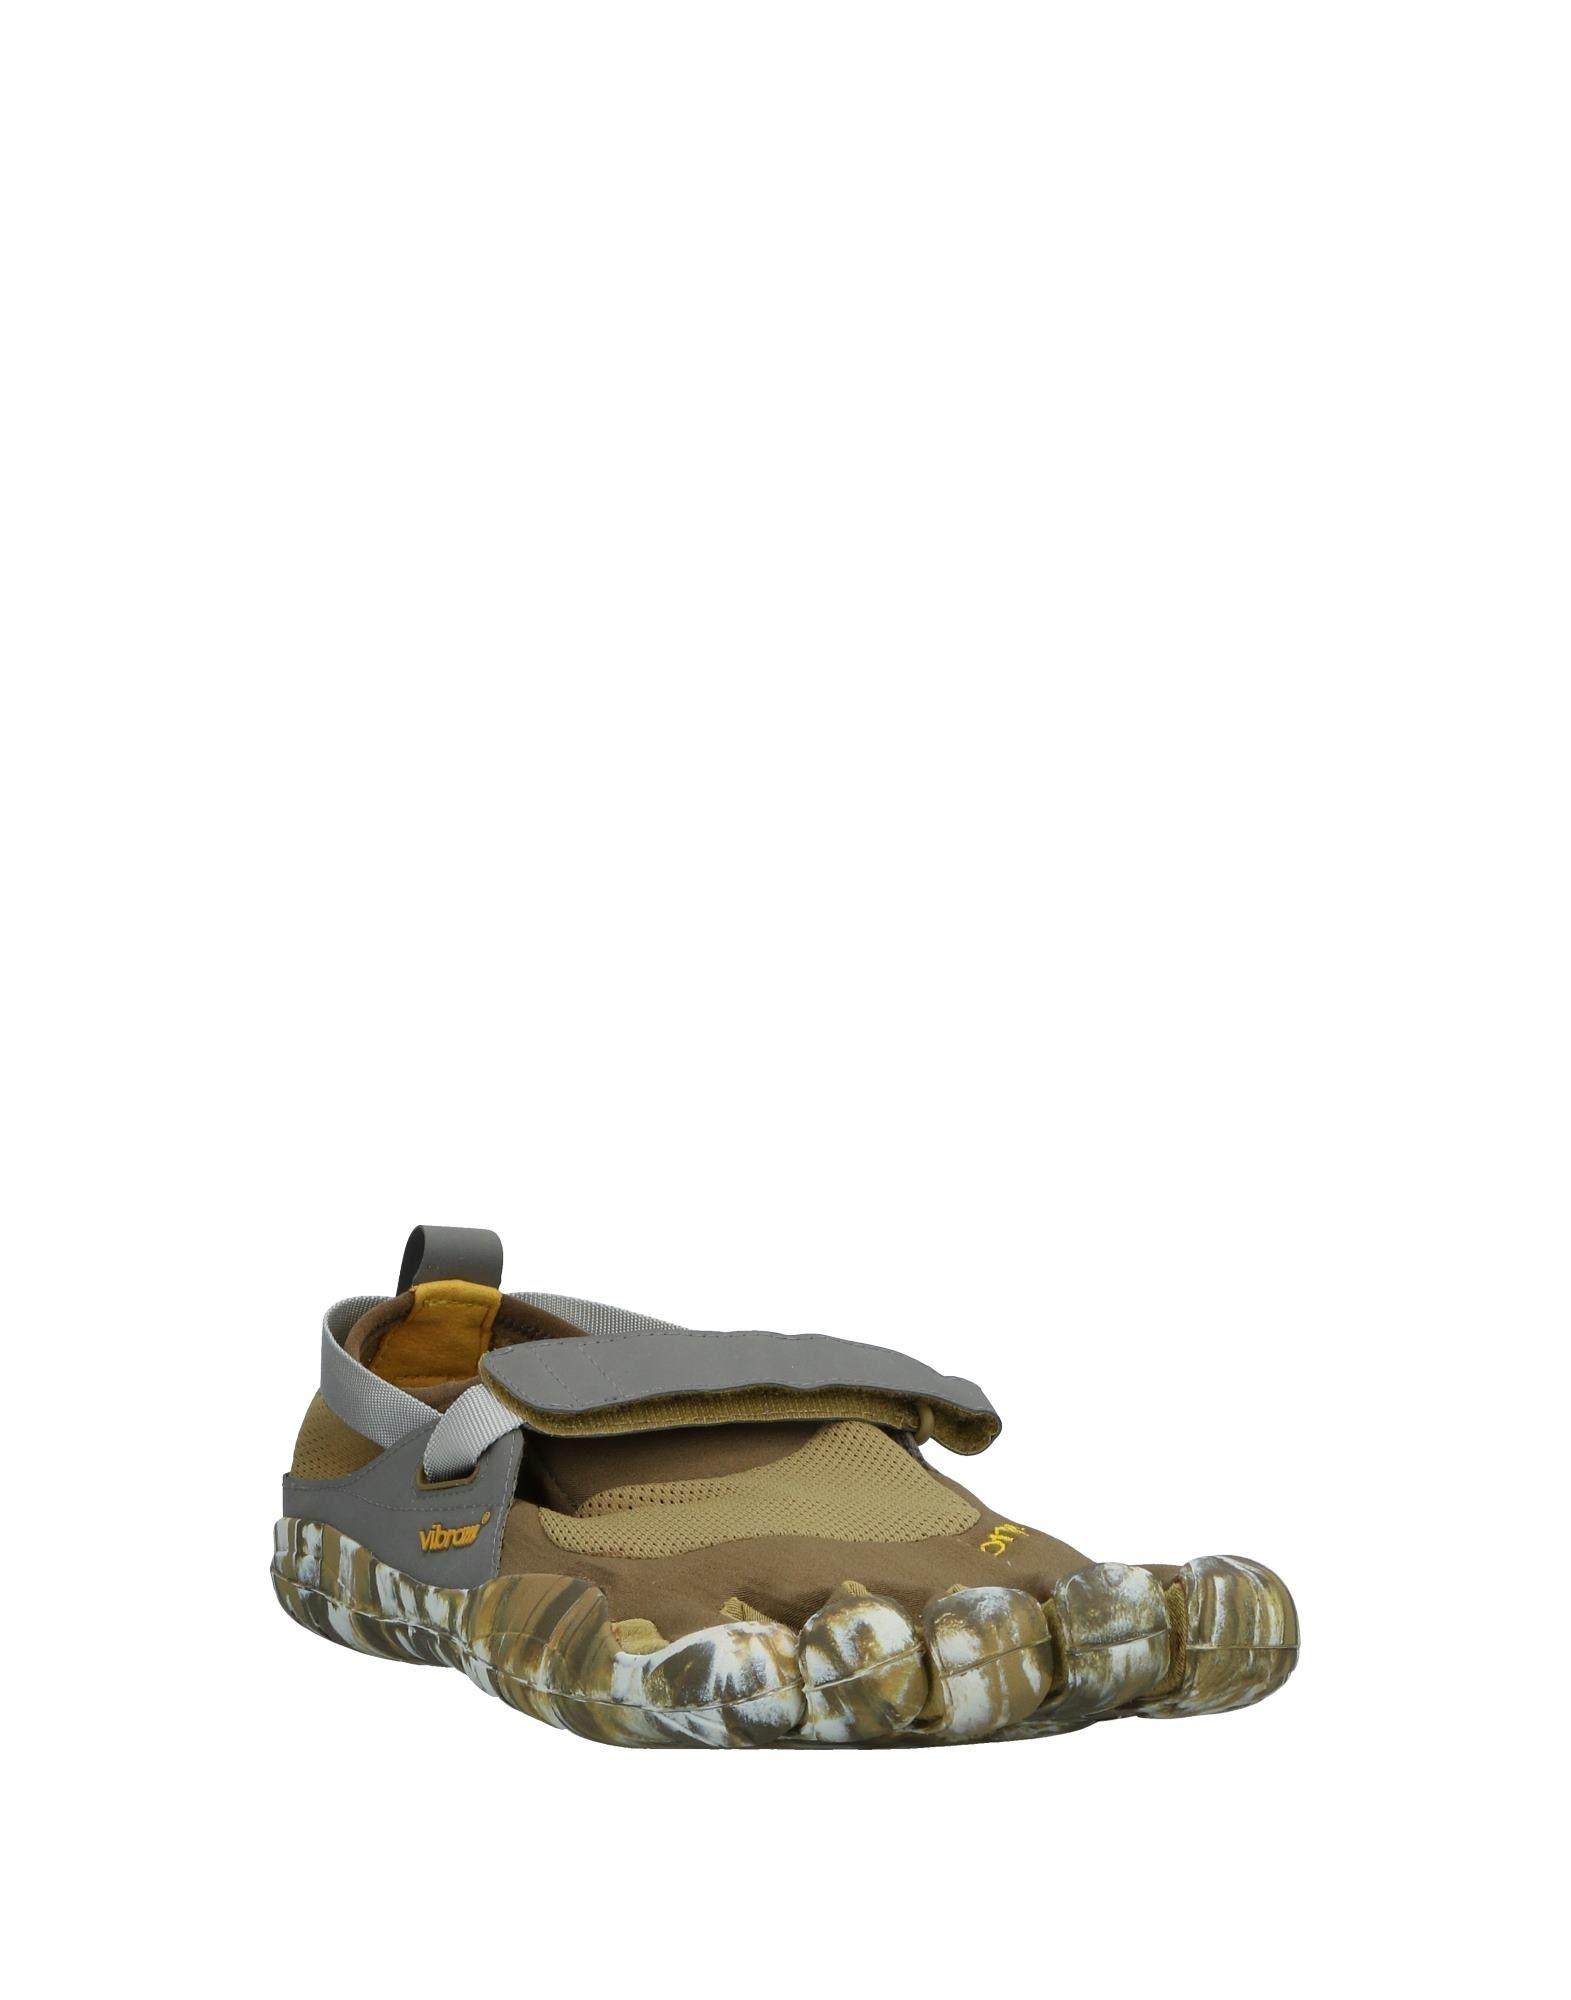 Sneakers Vibram Uomo 11498394ND - 11498394ND Uomo elegante 97c5f9